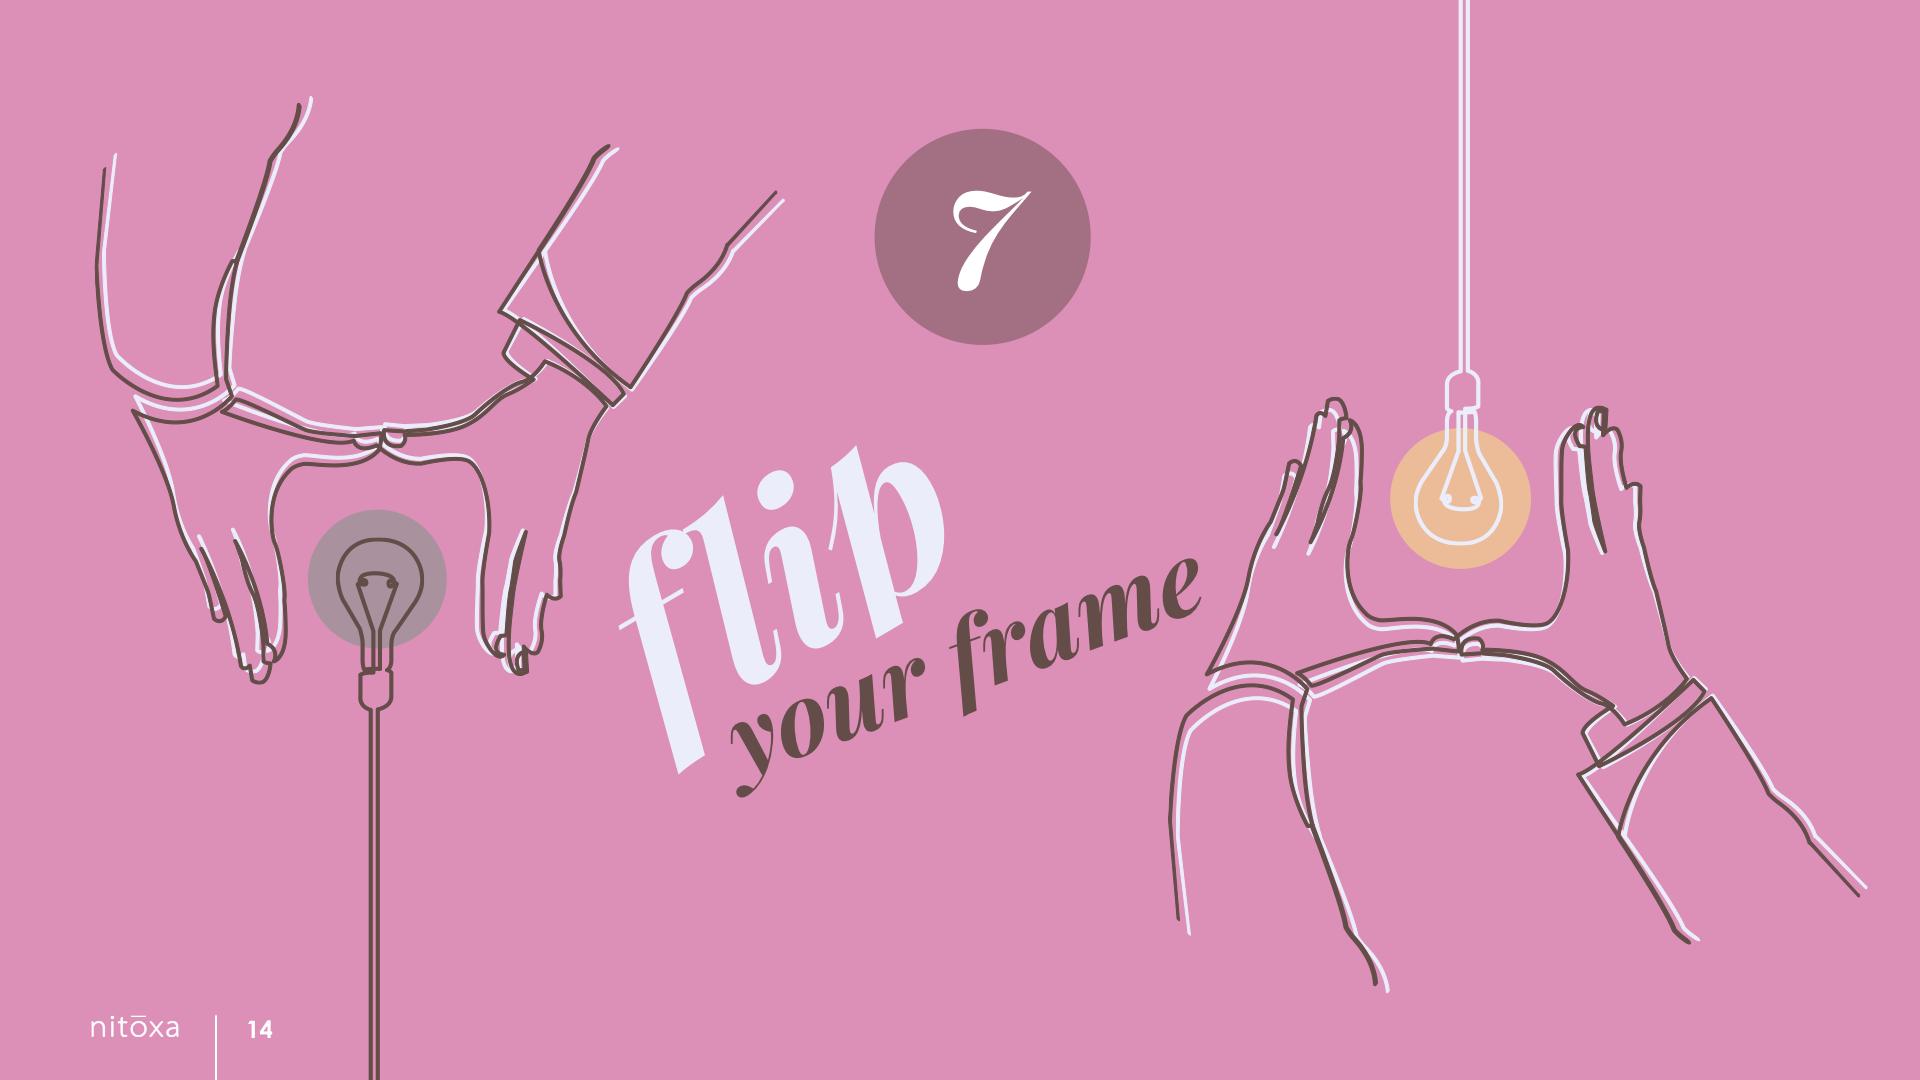 Slide Design Sample: hands surrounding lightbulbs